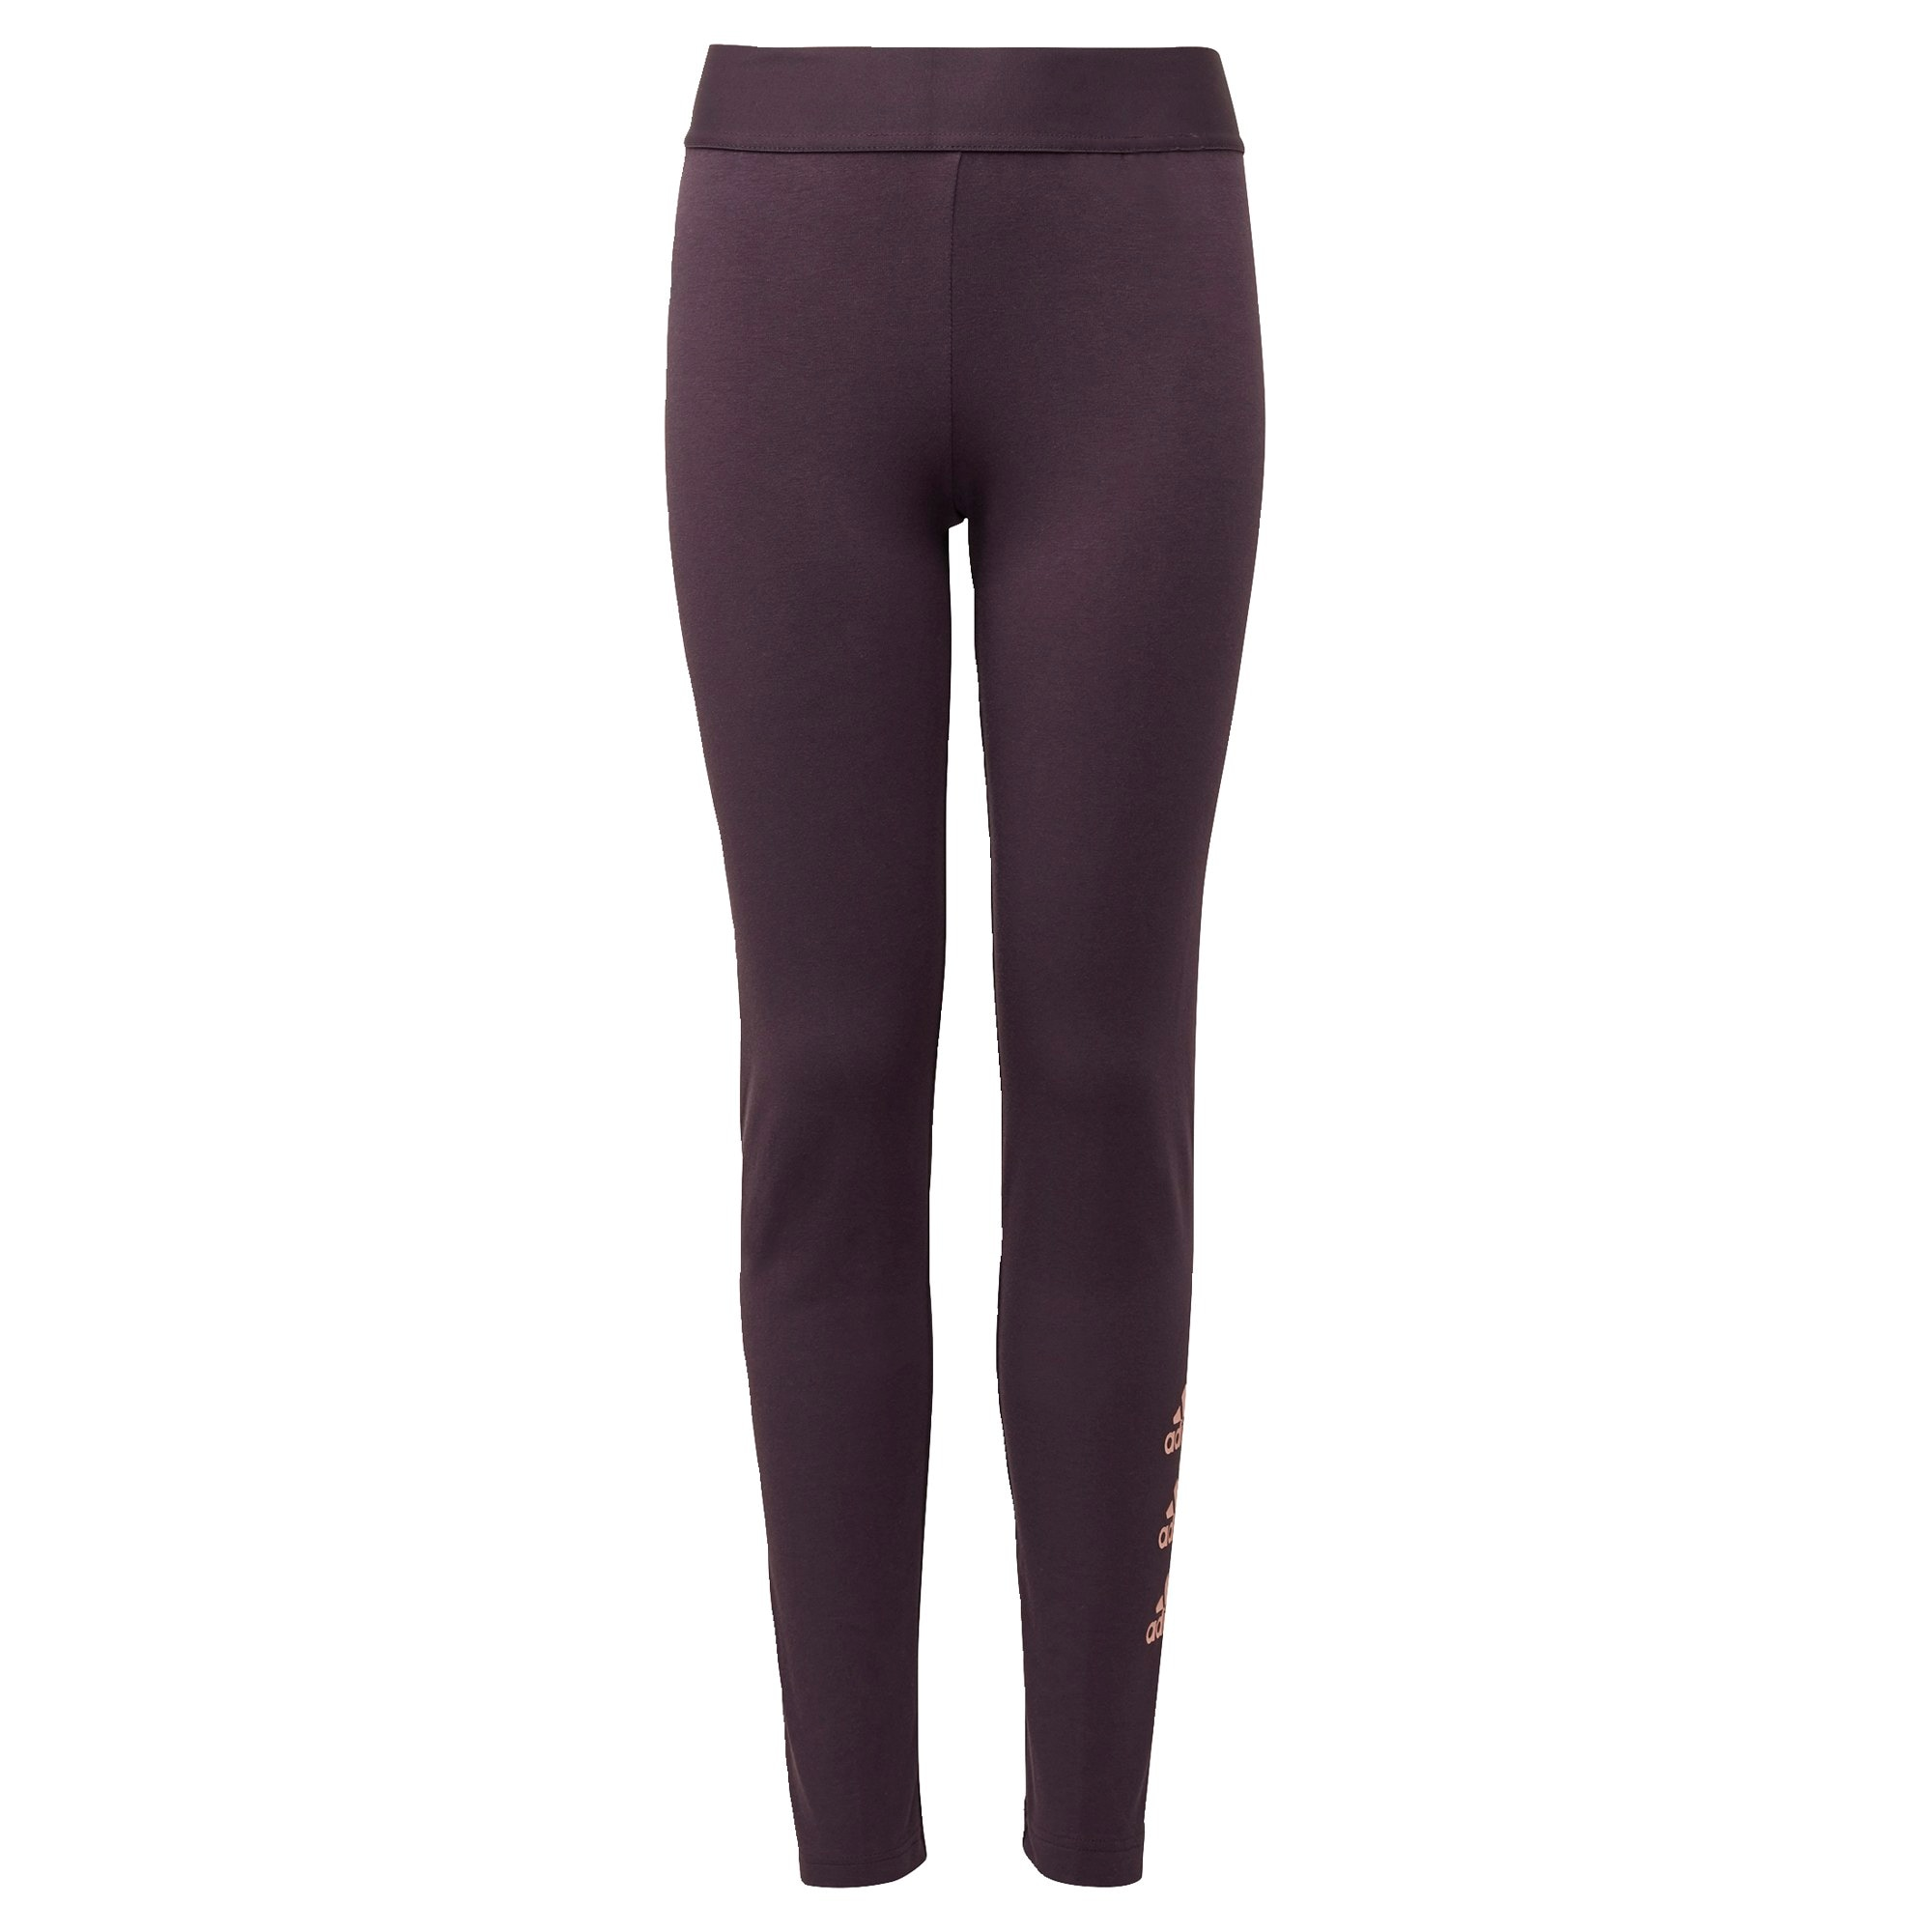 ADIDAS PERFORMANCE Sportinės kelnės tamsiai violetinė / šviesiai oranžinė